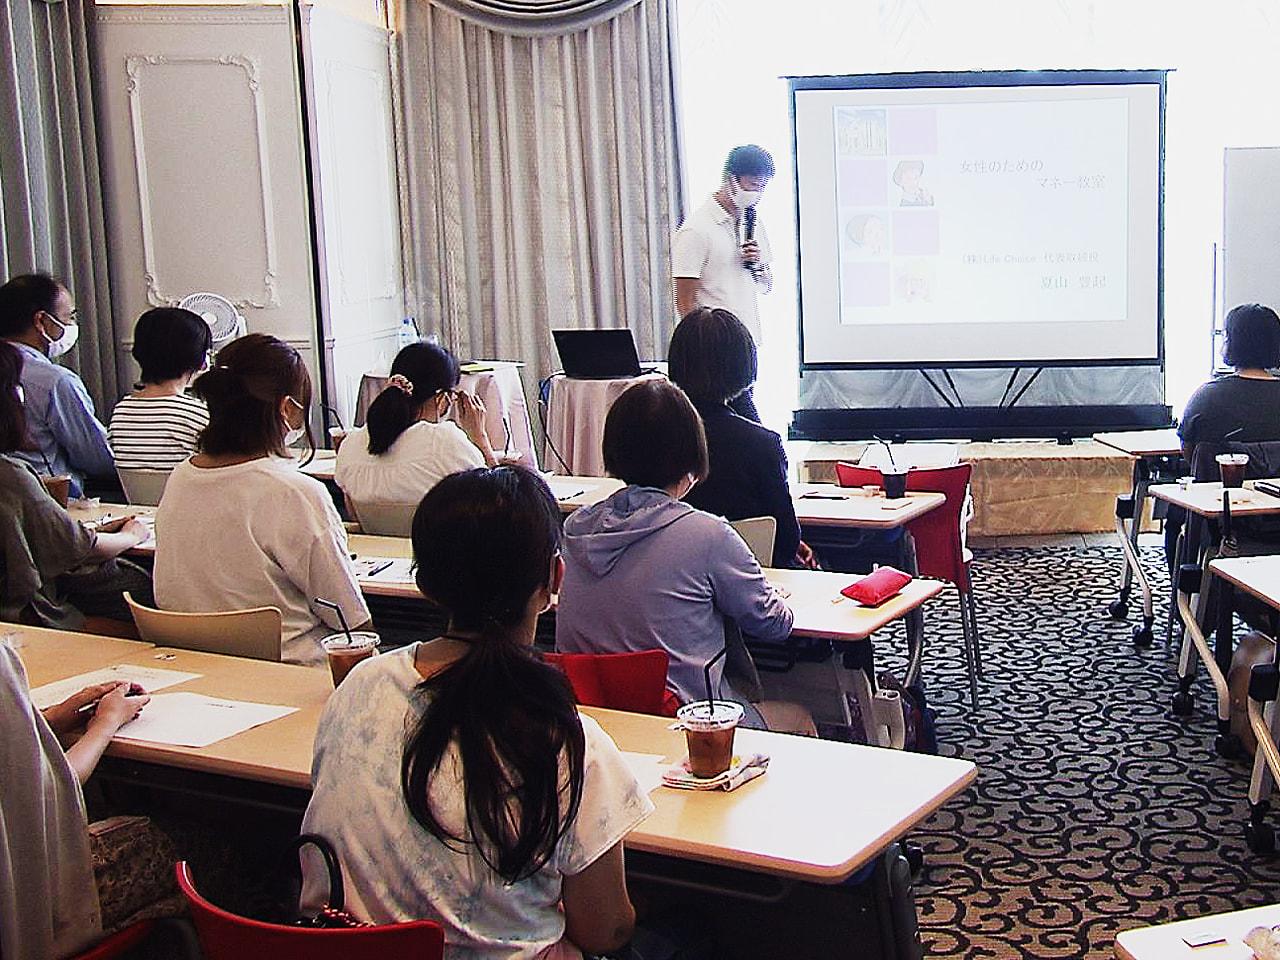 ぎふチャンパーソナリティの吉田早苗と聴く女性のためのマネーセミナーが岐阜市のカフ...